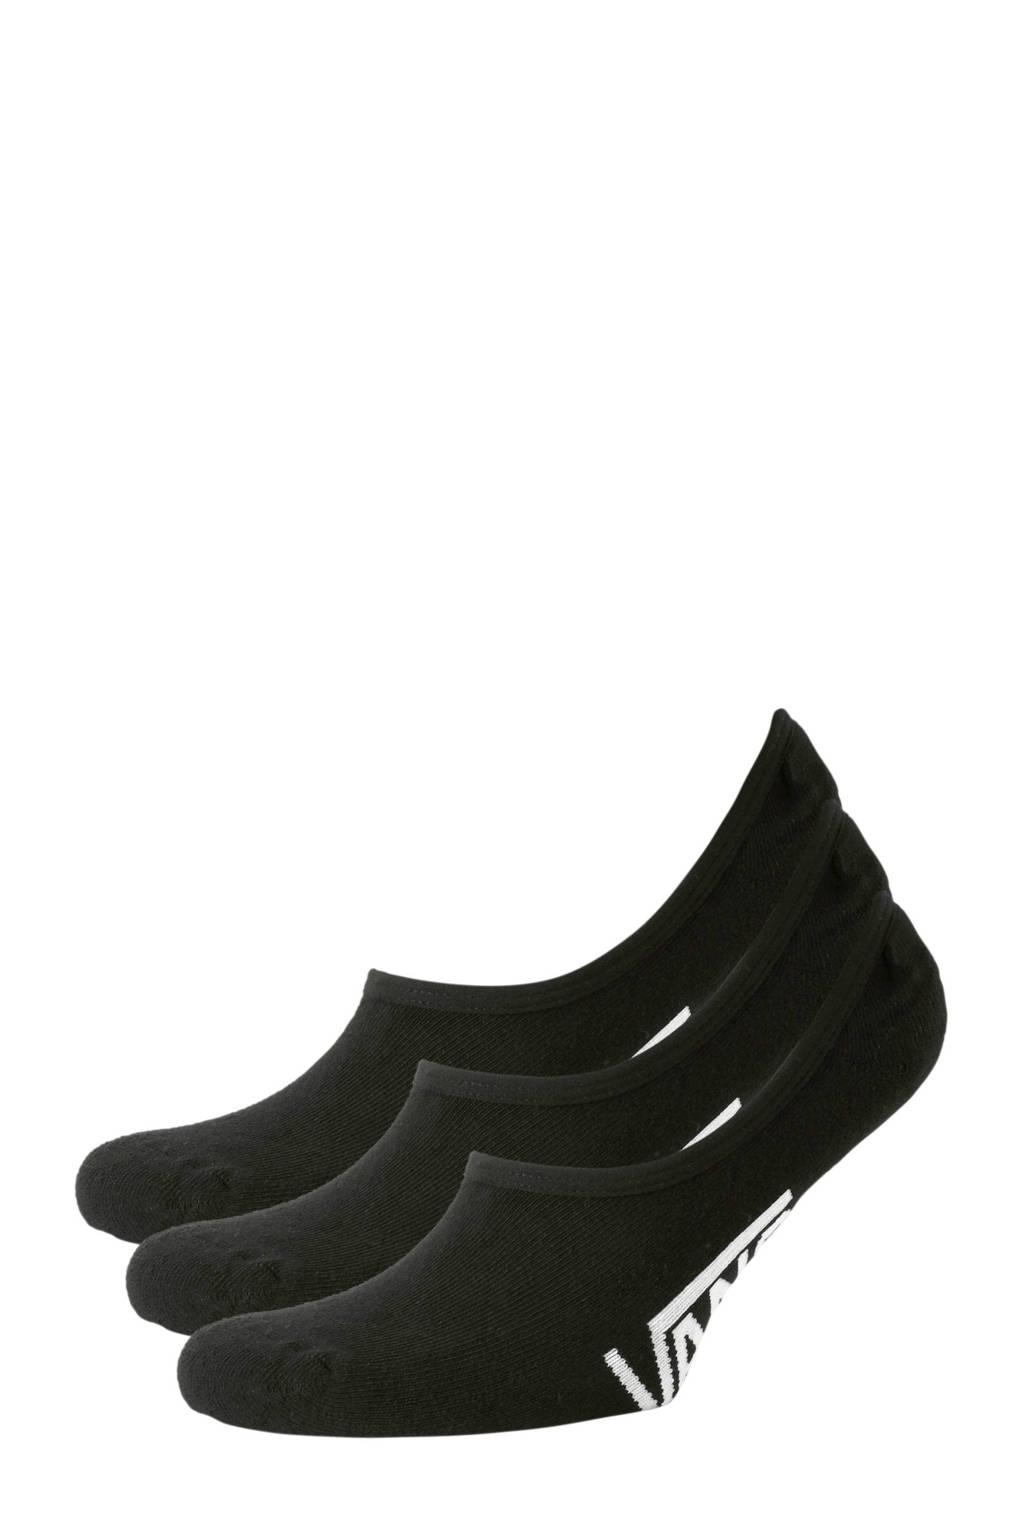 VANS sneakersokken zwart - set van 3, Zwart